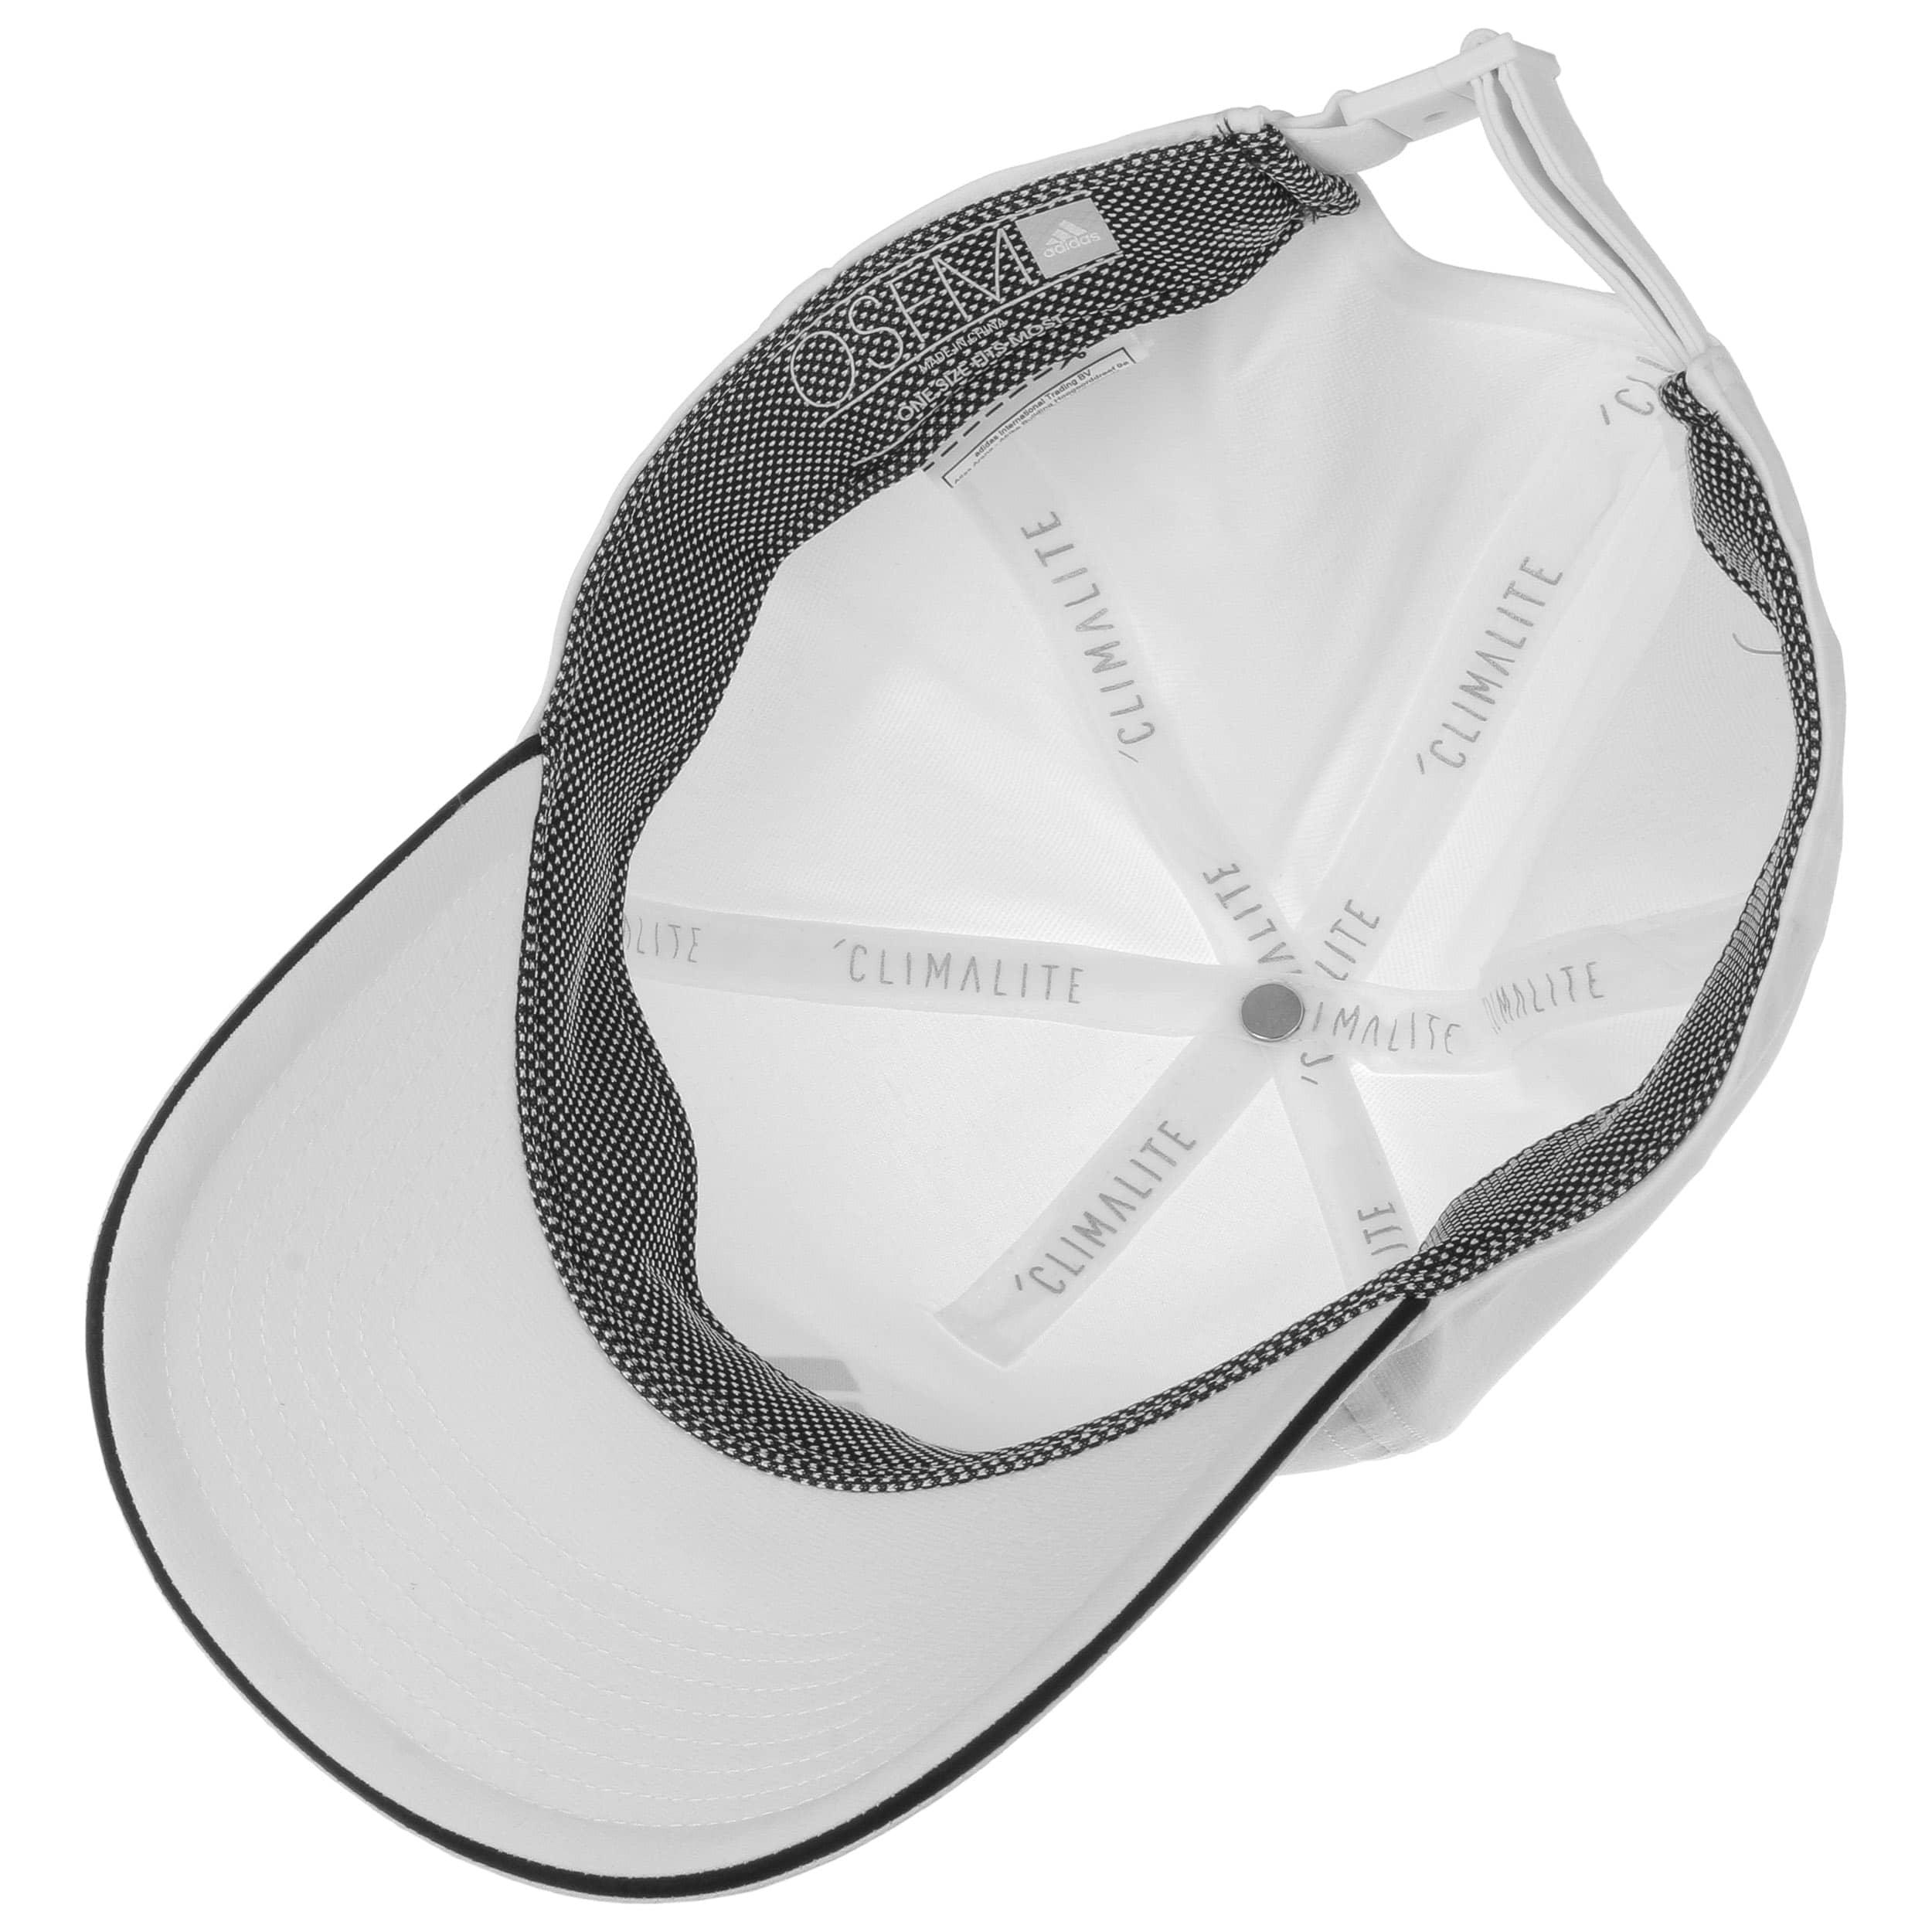 cdaec4b87 ... C40 5P Climalite Cap by adidas - white 2 ...